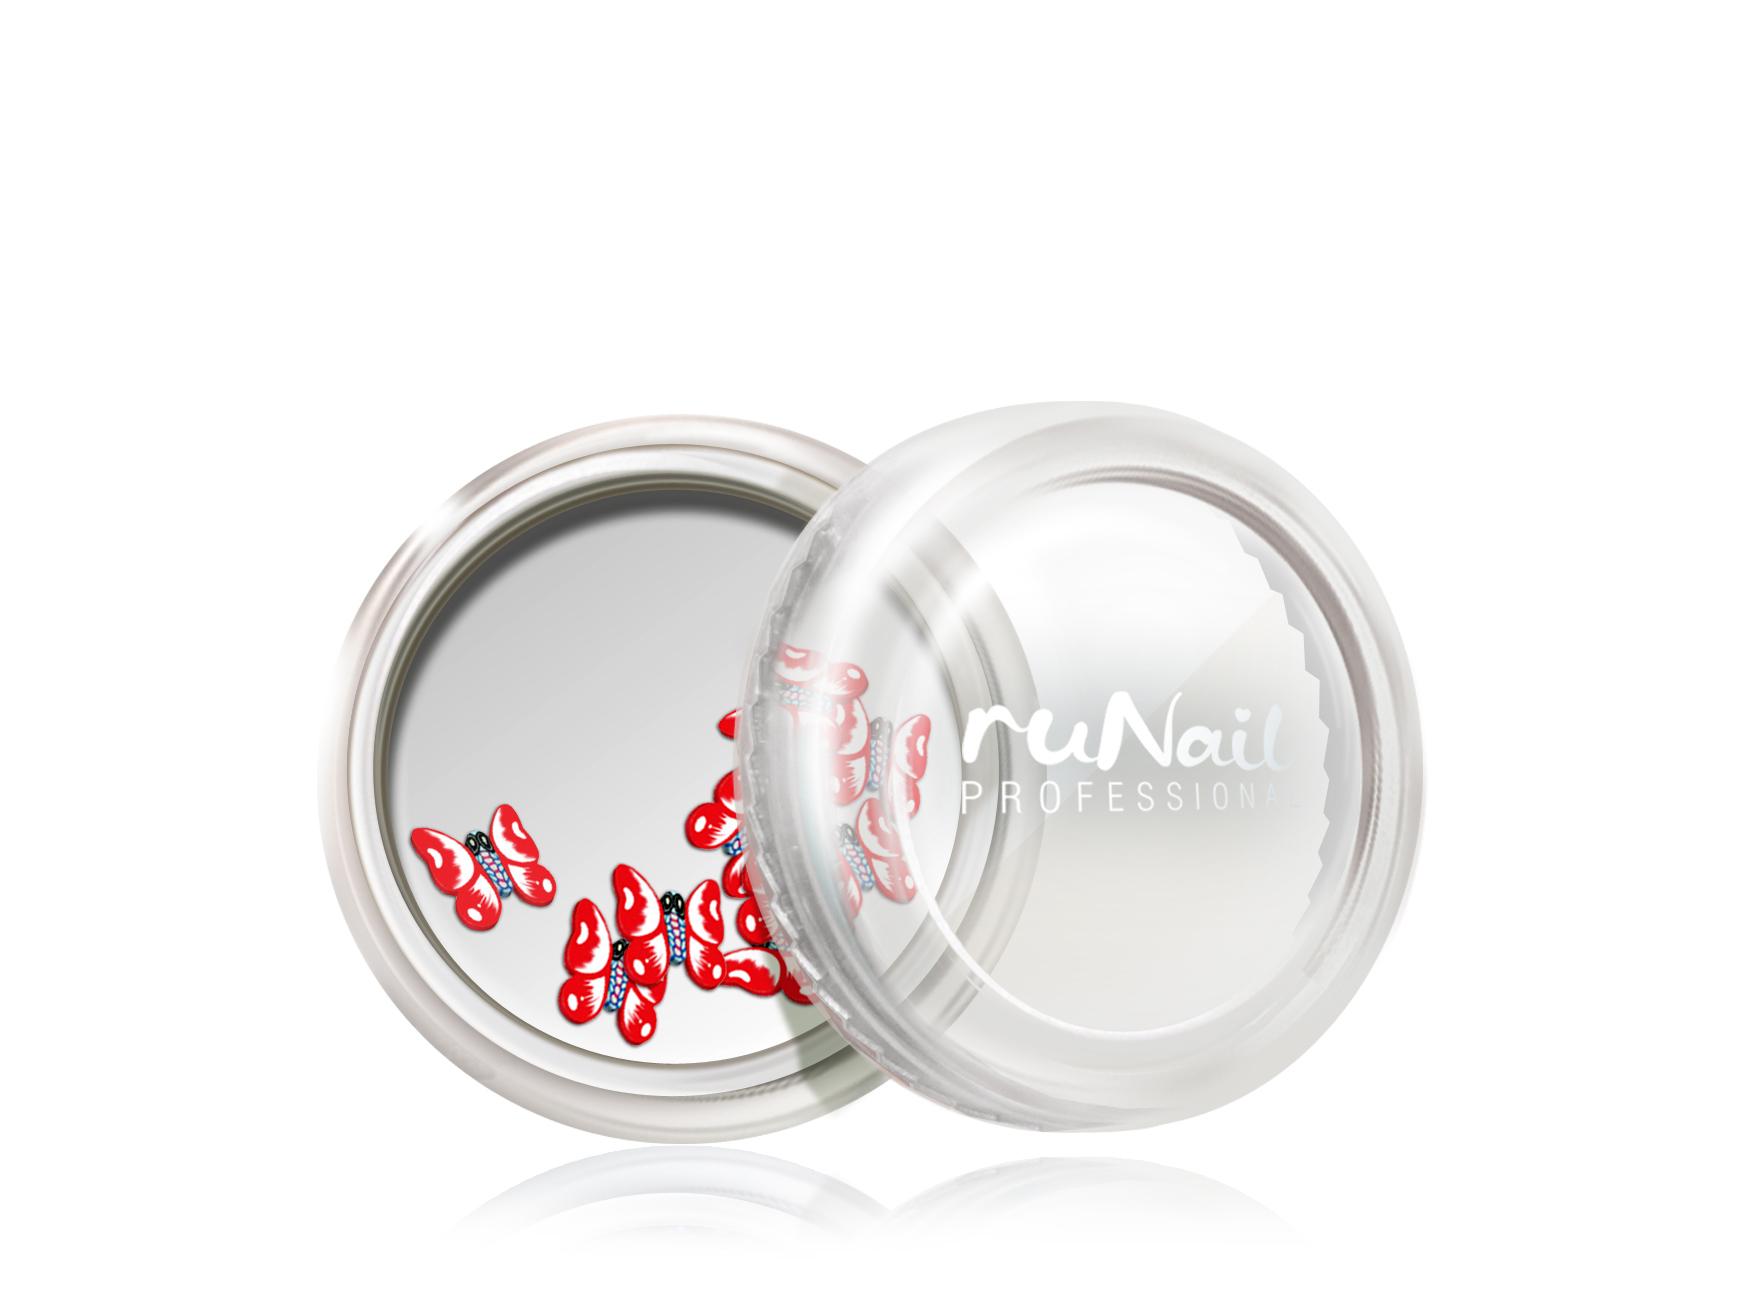 Дизайн для ногтей: резиновые аппликации (большие бабочки, цвет: красный) №0421